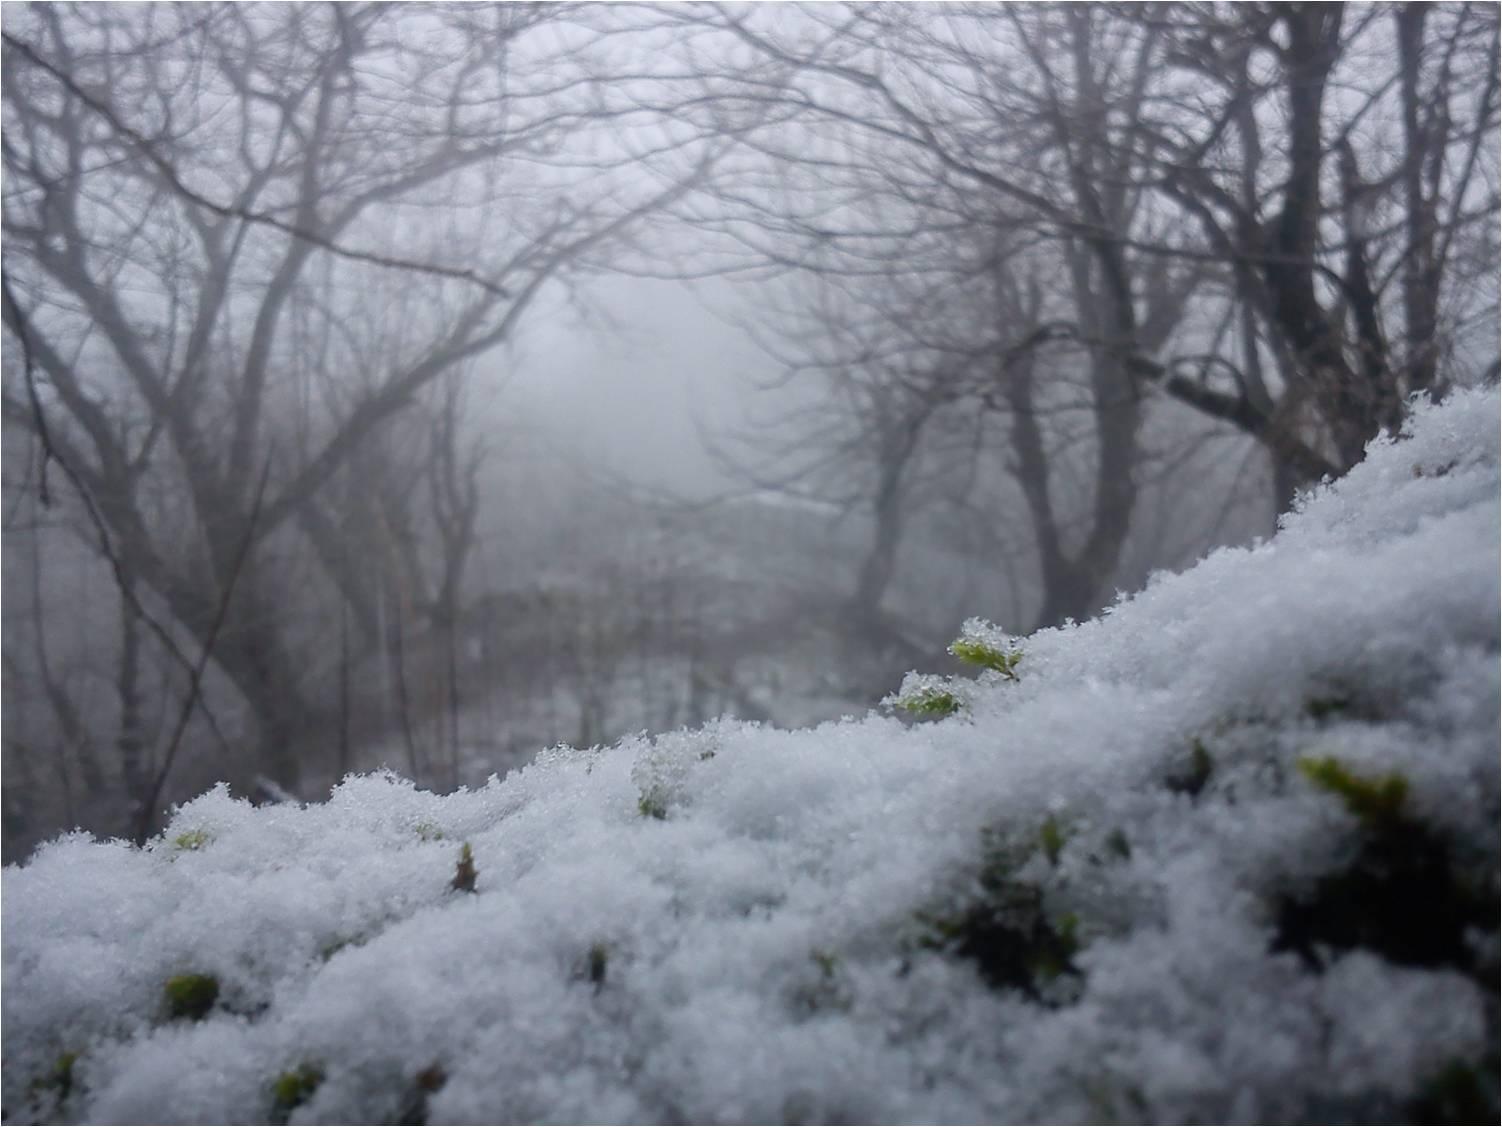 بارش برف 92 در ارتفاعات روستای شولم